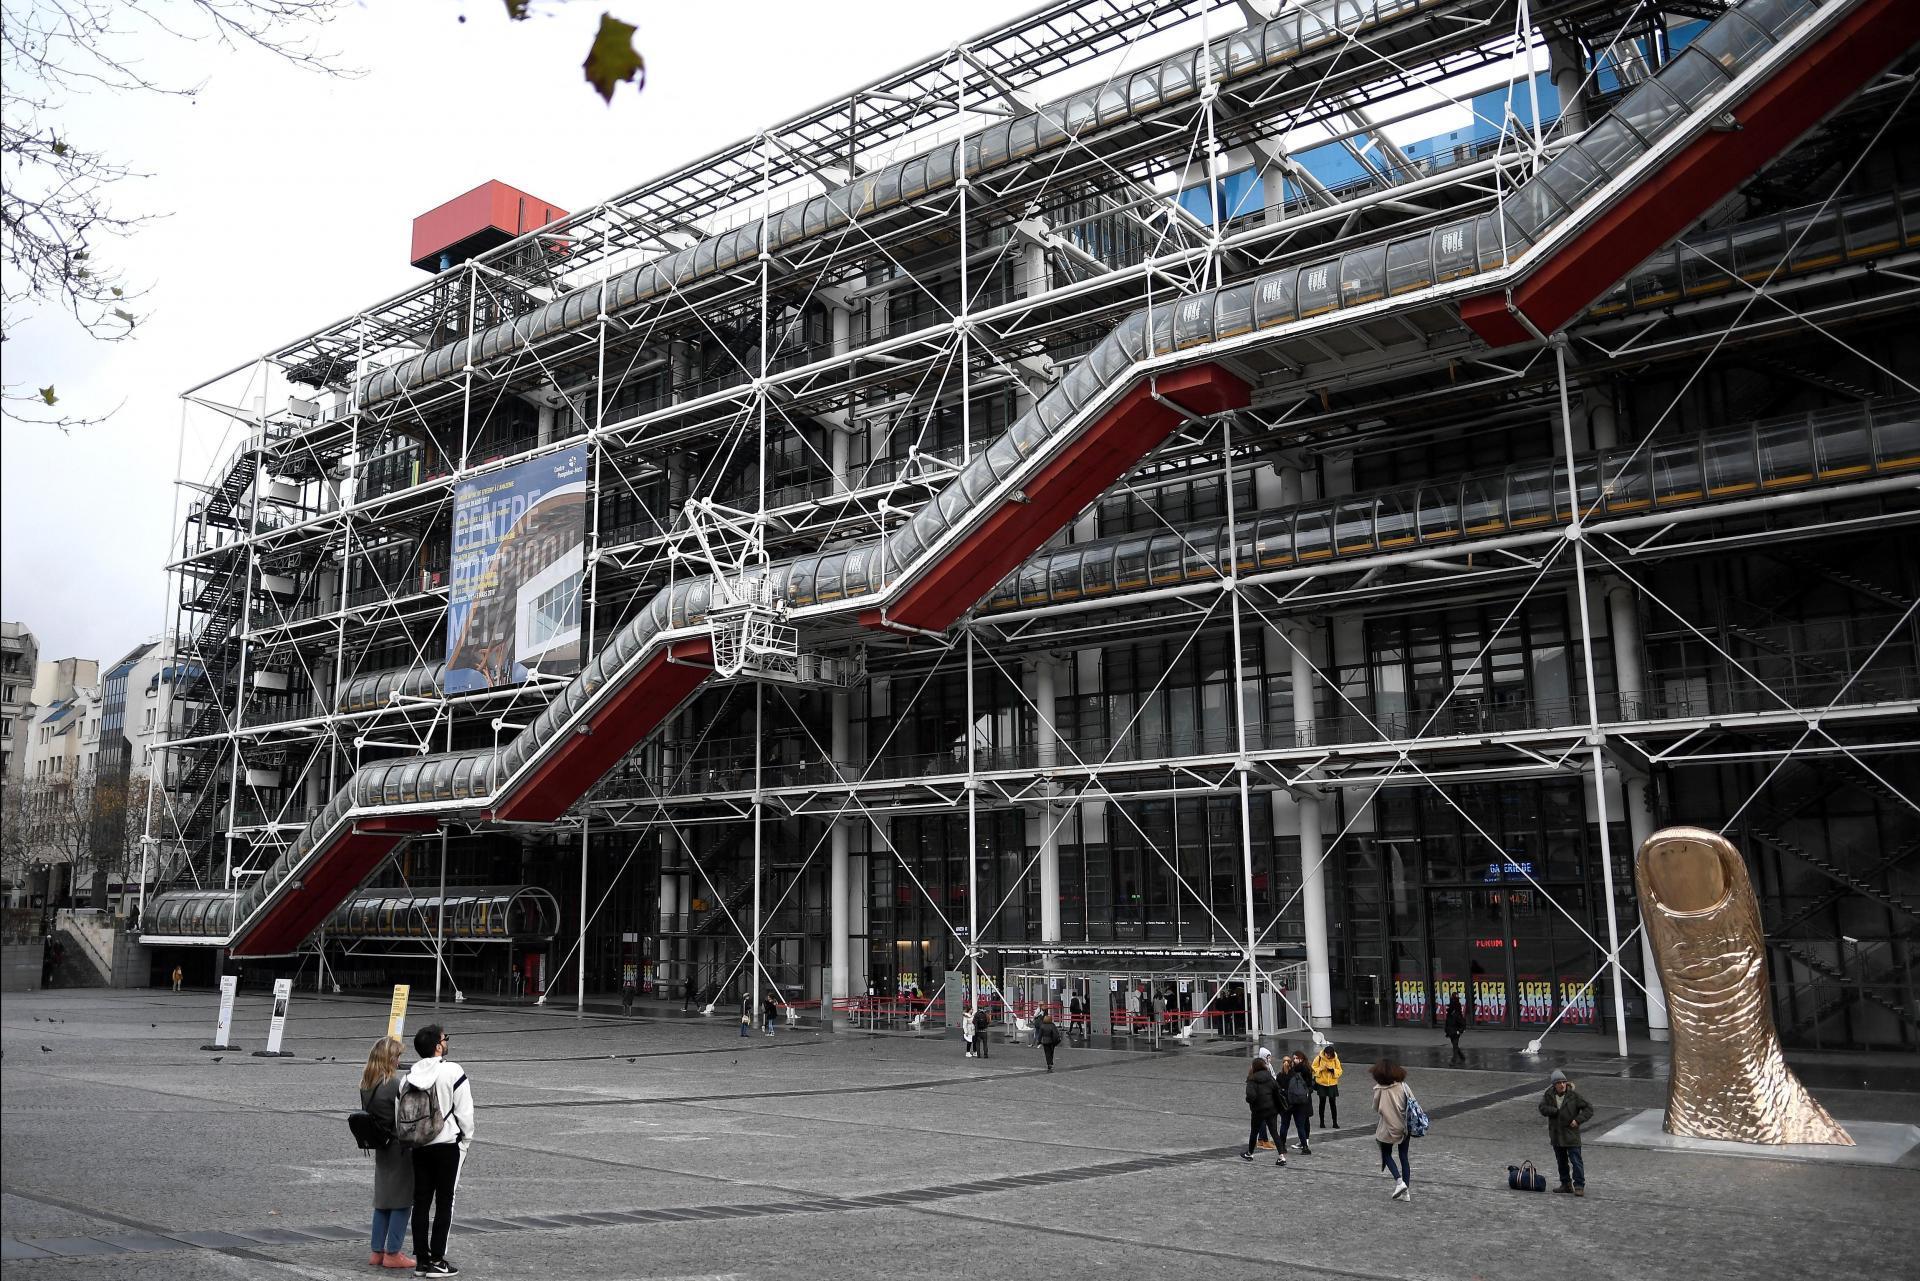 The Pompidou Centre, Paris doubts the benefit of deaccessioning. Photo: Stephane De Sakutin/AFP